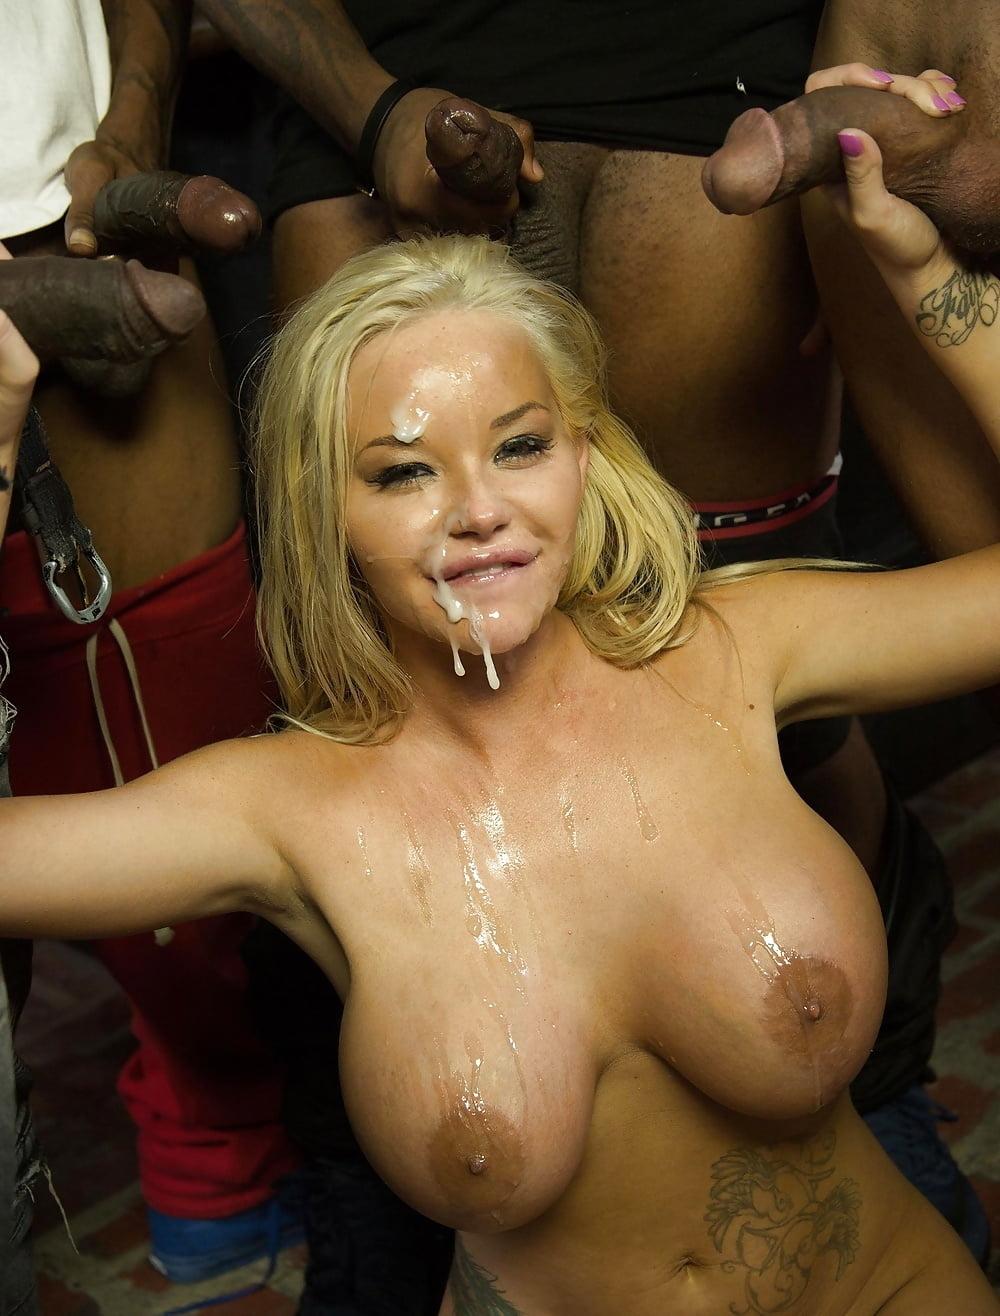 big-tit-bukkake-little-girls-licking-cock